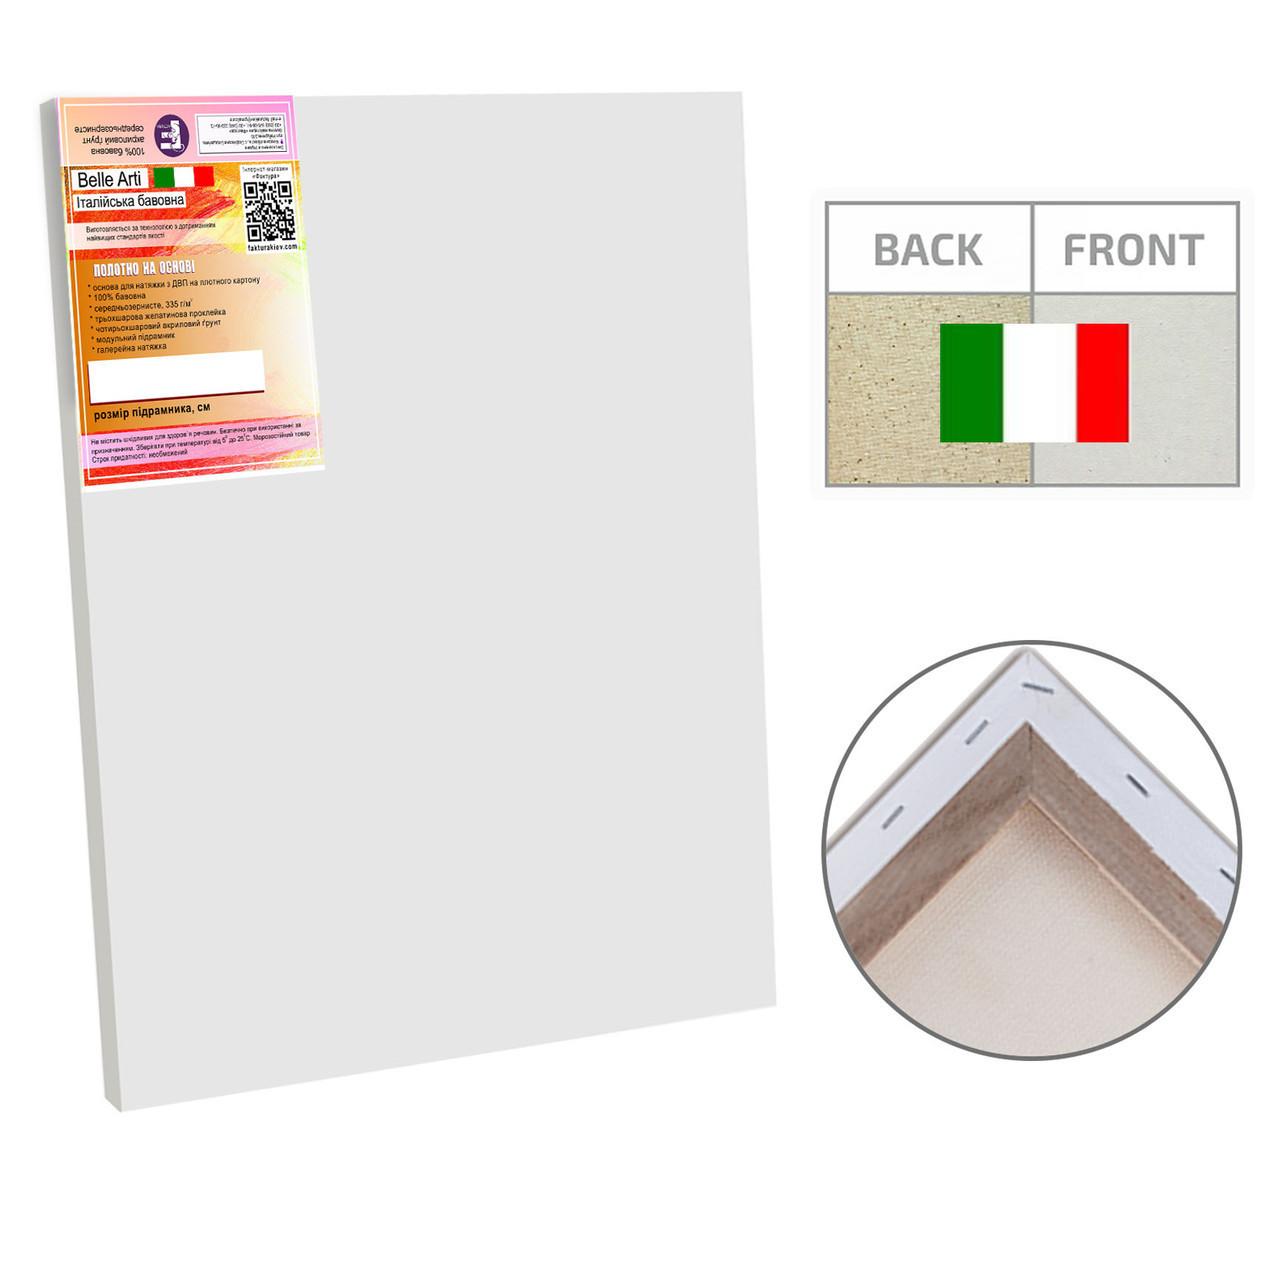 Холст на подрамнике Factura BelleArti 15х15 см Итальянский хлопок 285 грамм кв.м. среднее зерно белый, фото 1